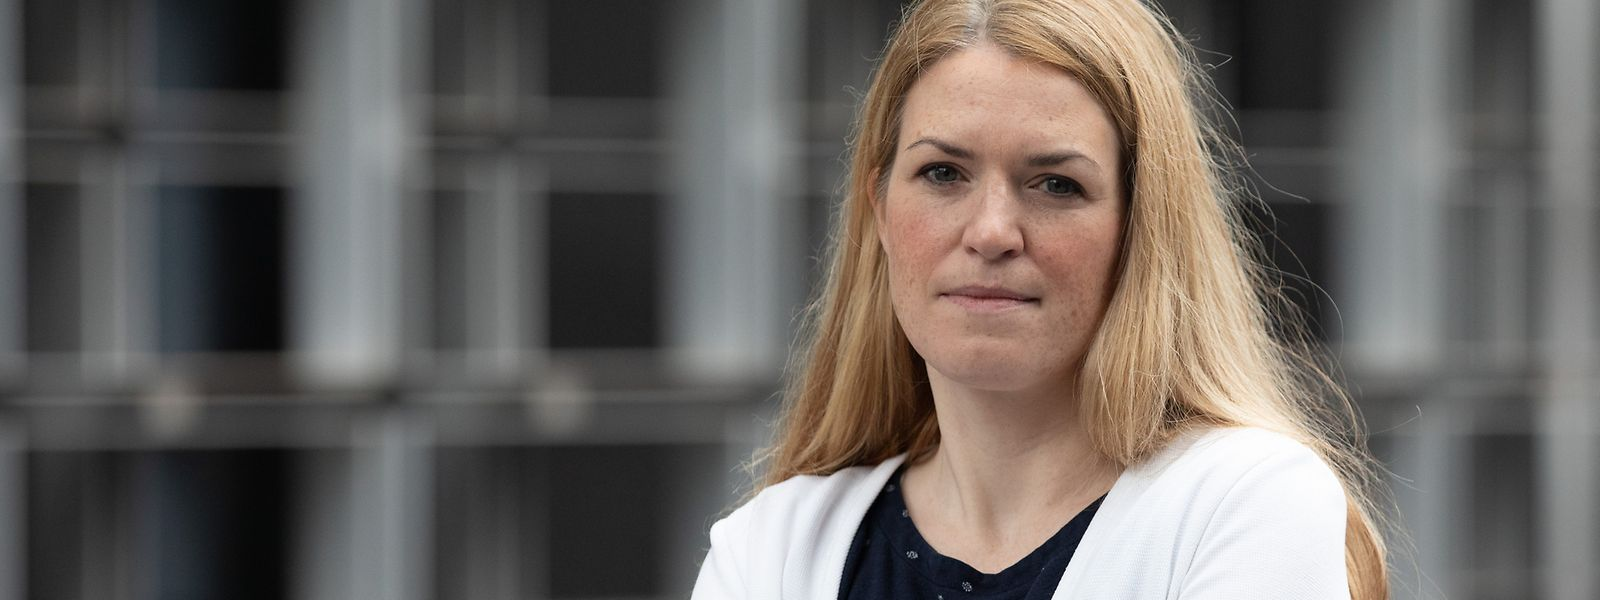 Die Pandemie habe gezeigt, wie wenig ein einzelner Mensch entscheiden kann, sagt Prof. Anja Leist. Sie fordert unter anderem eine Arbeitsgruppe mit externen Fachleuten aus verschiedenen Bereichen.